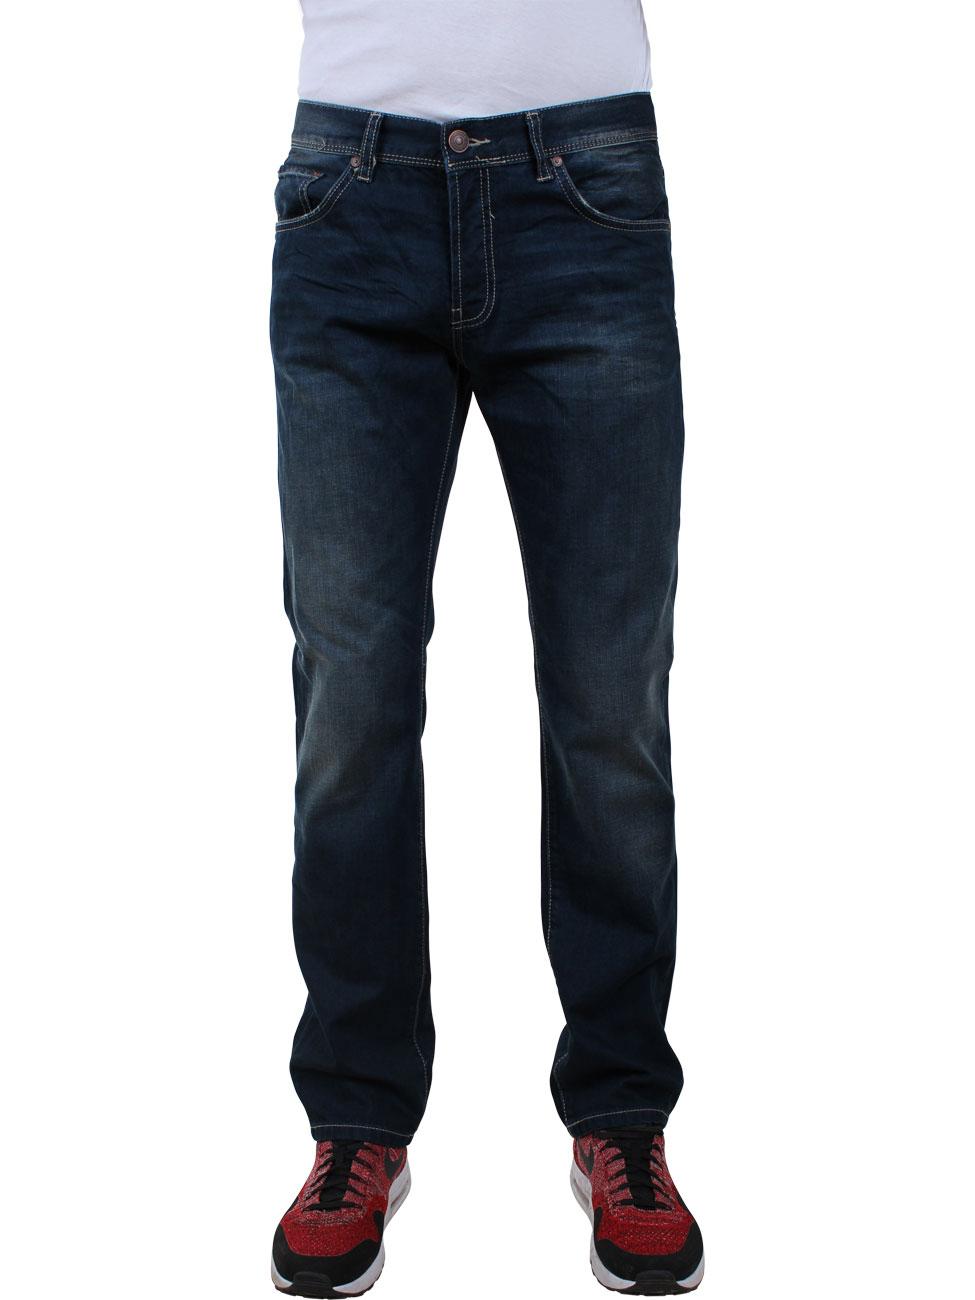 ltb herren jeans sawyer slim fit blau arlington wash. Black Bedroom Furniture Sets. Home Design Ideas